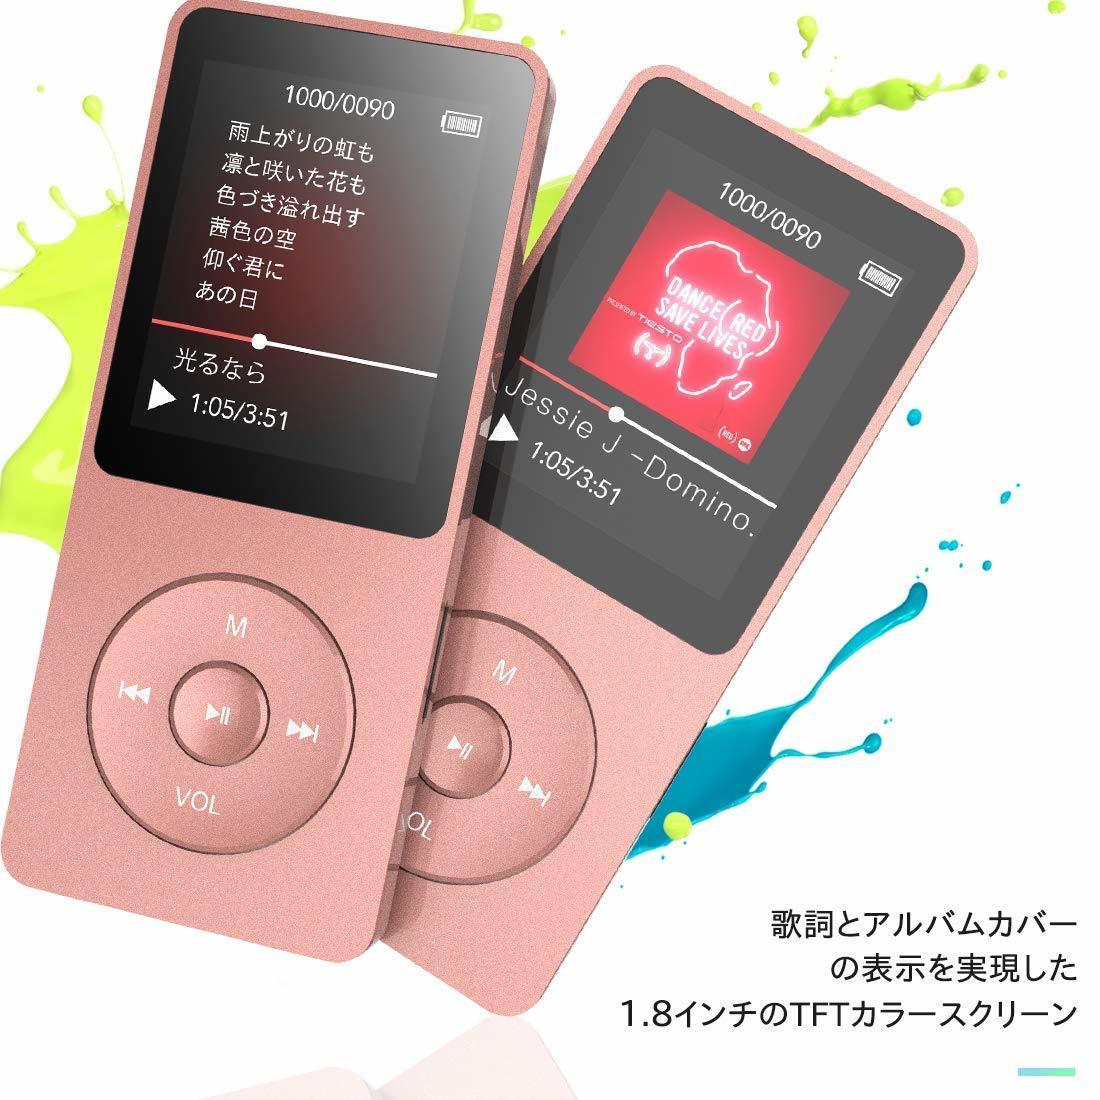 ★新品・未使用★ Bluetooth4.0 MP3プレーヤー HIFI高音質 超軽量 歩数計/FMラジオ 多機能 内蔵8GB マイクロSDカード128GBまで対応_画像9